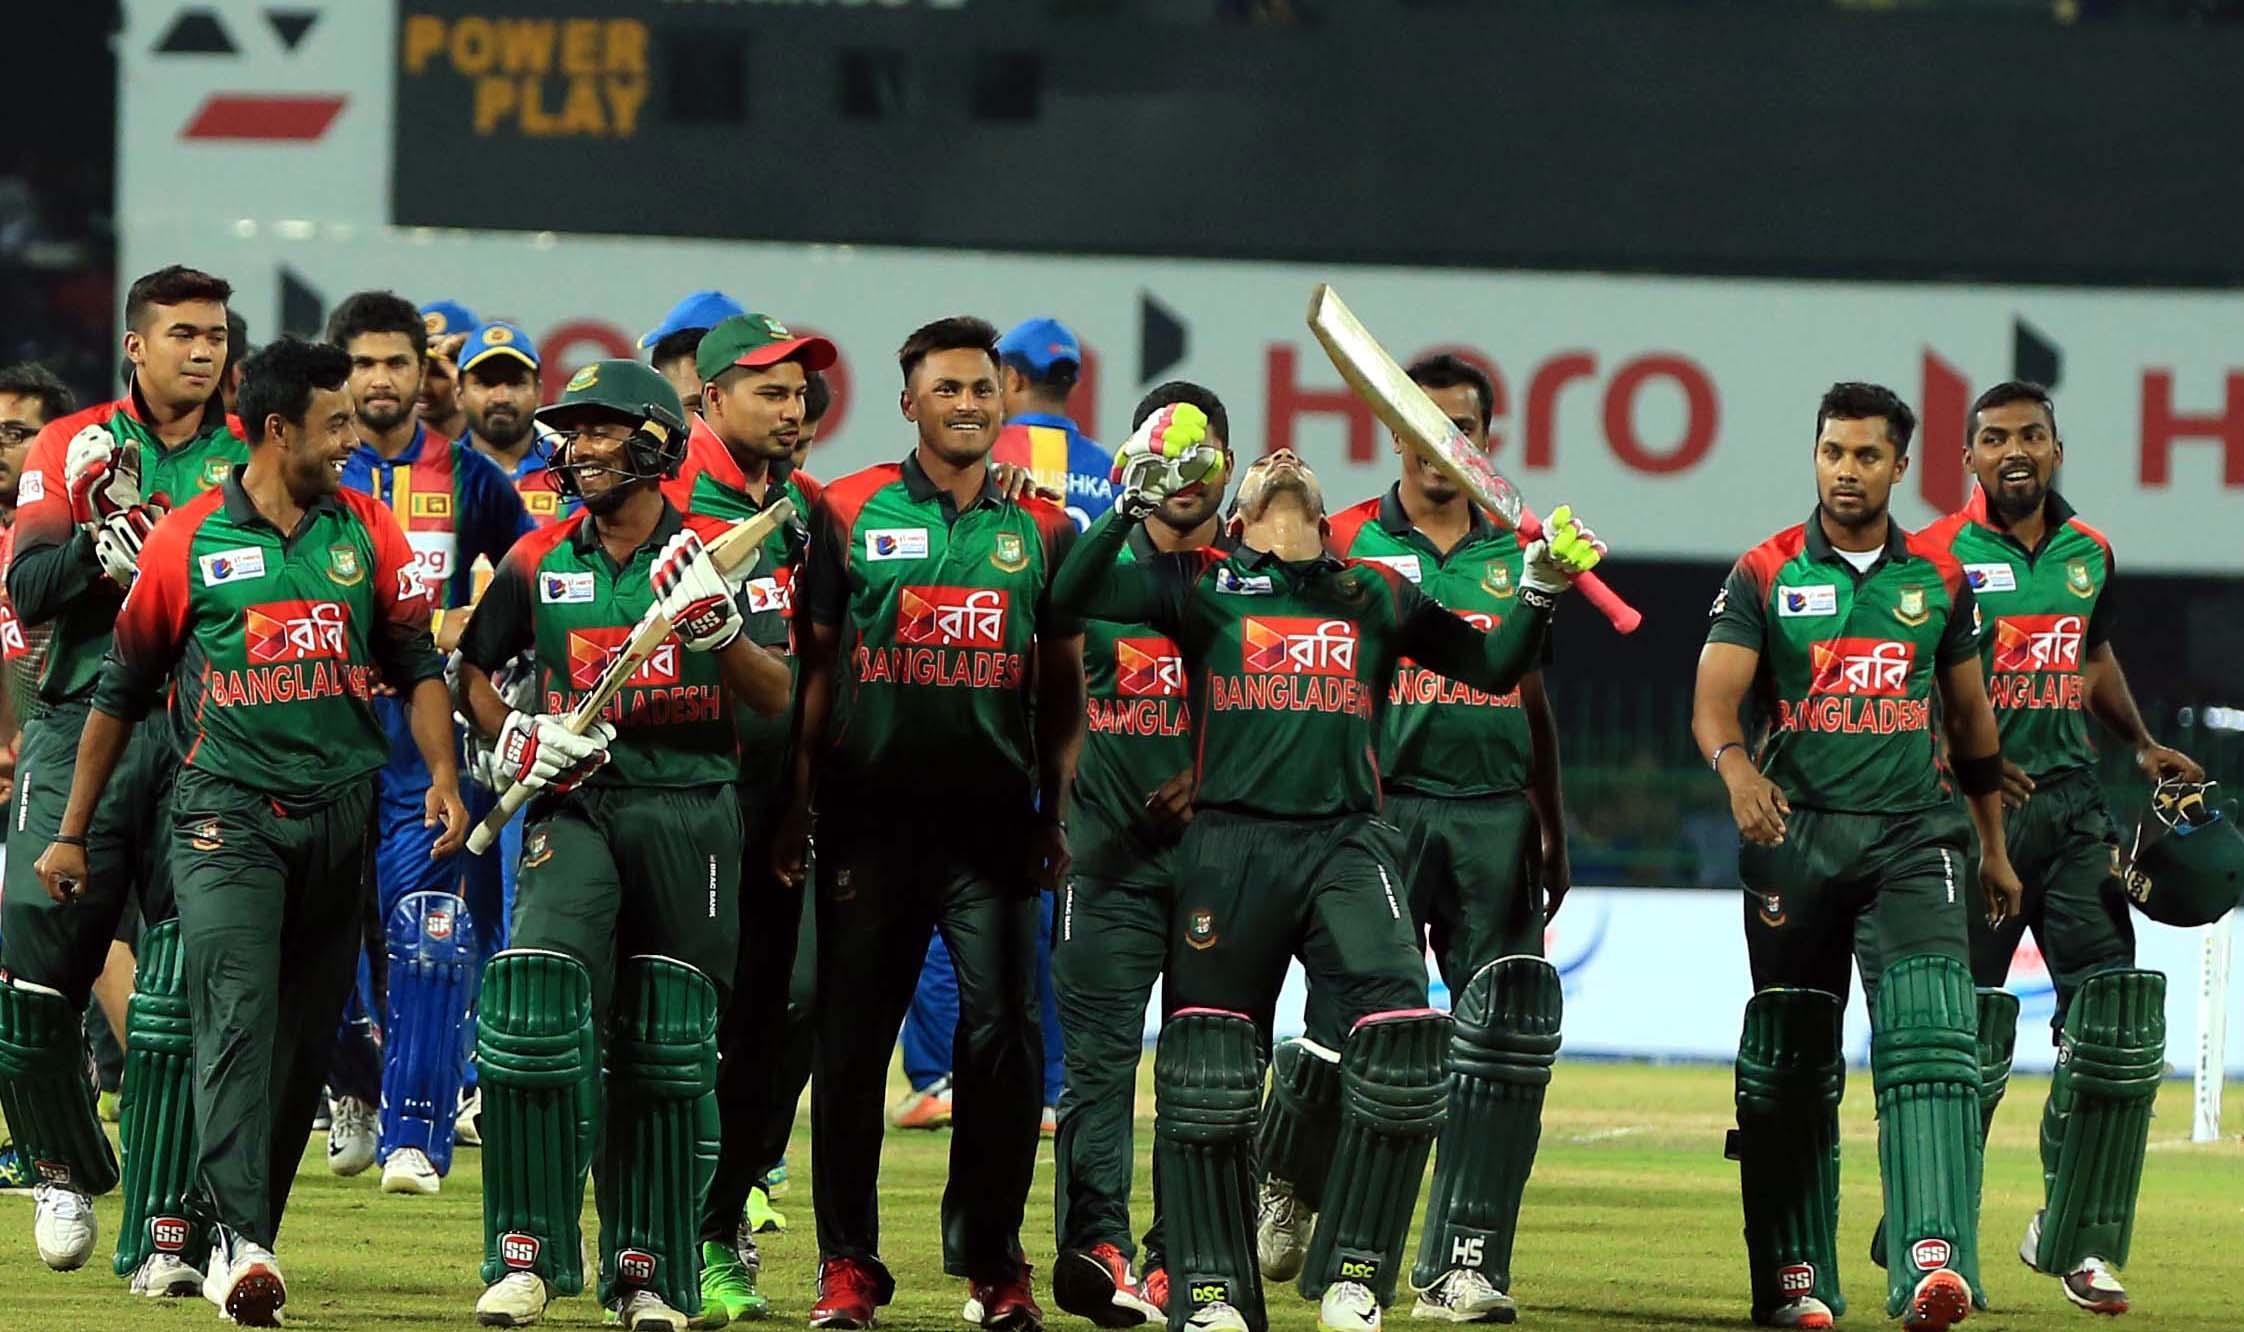 BIG BREAKING: বাংলাদেশ ক্রিকেটে গুরুত্বপূর্ণ ভূমিকায় নিয়োগ করা হলো এই ভারতীয় ক্রিকেটারকে 6